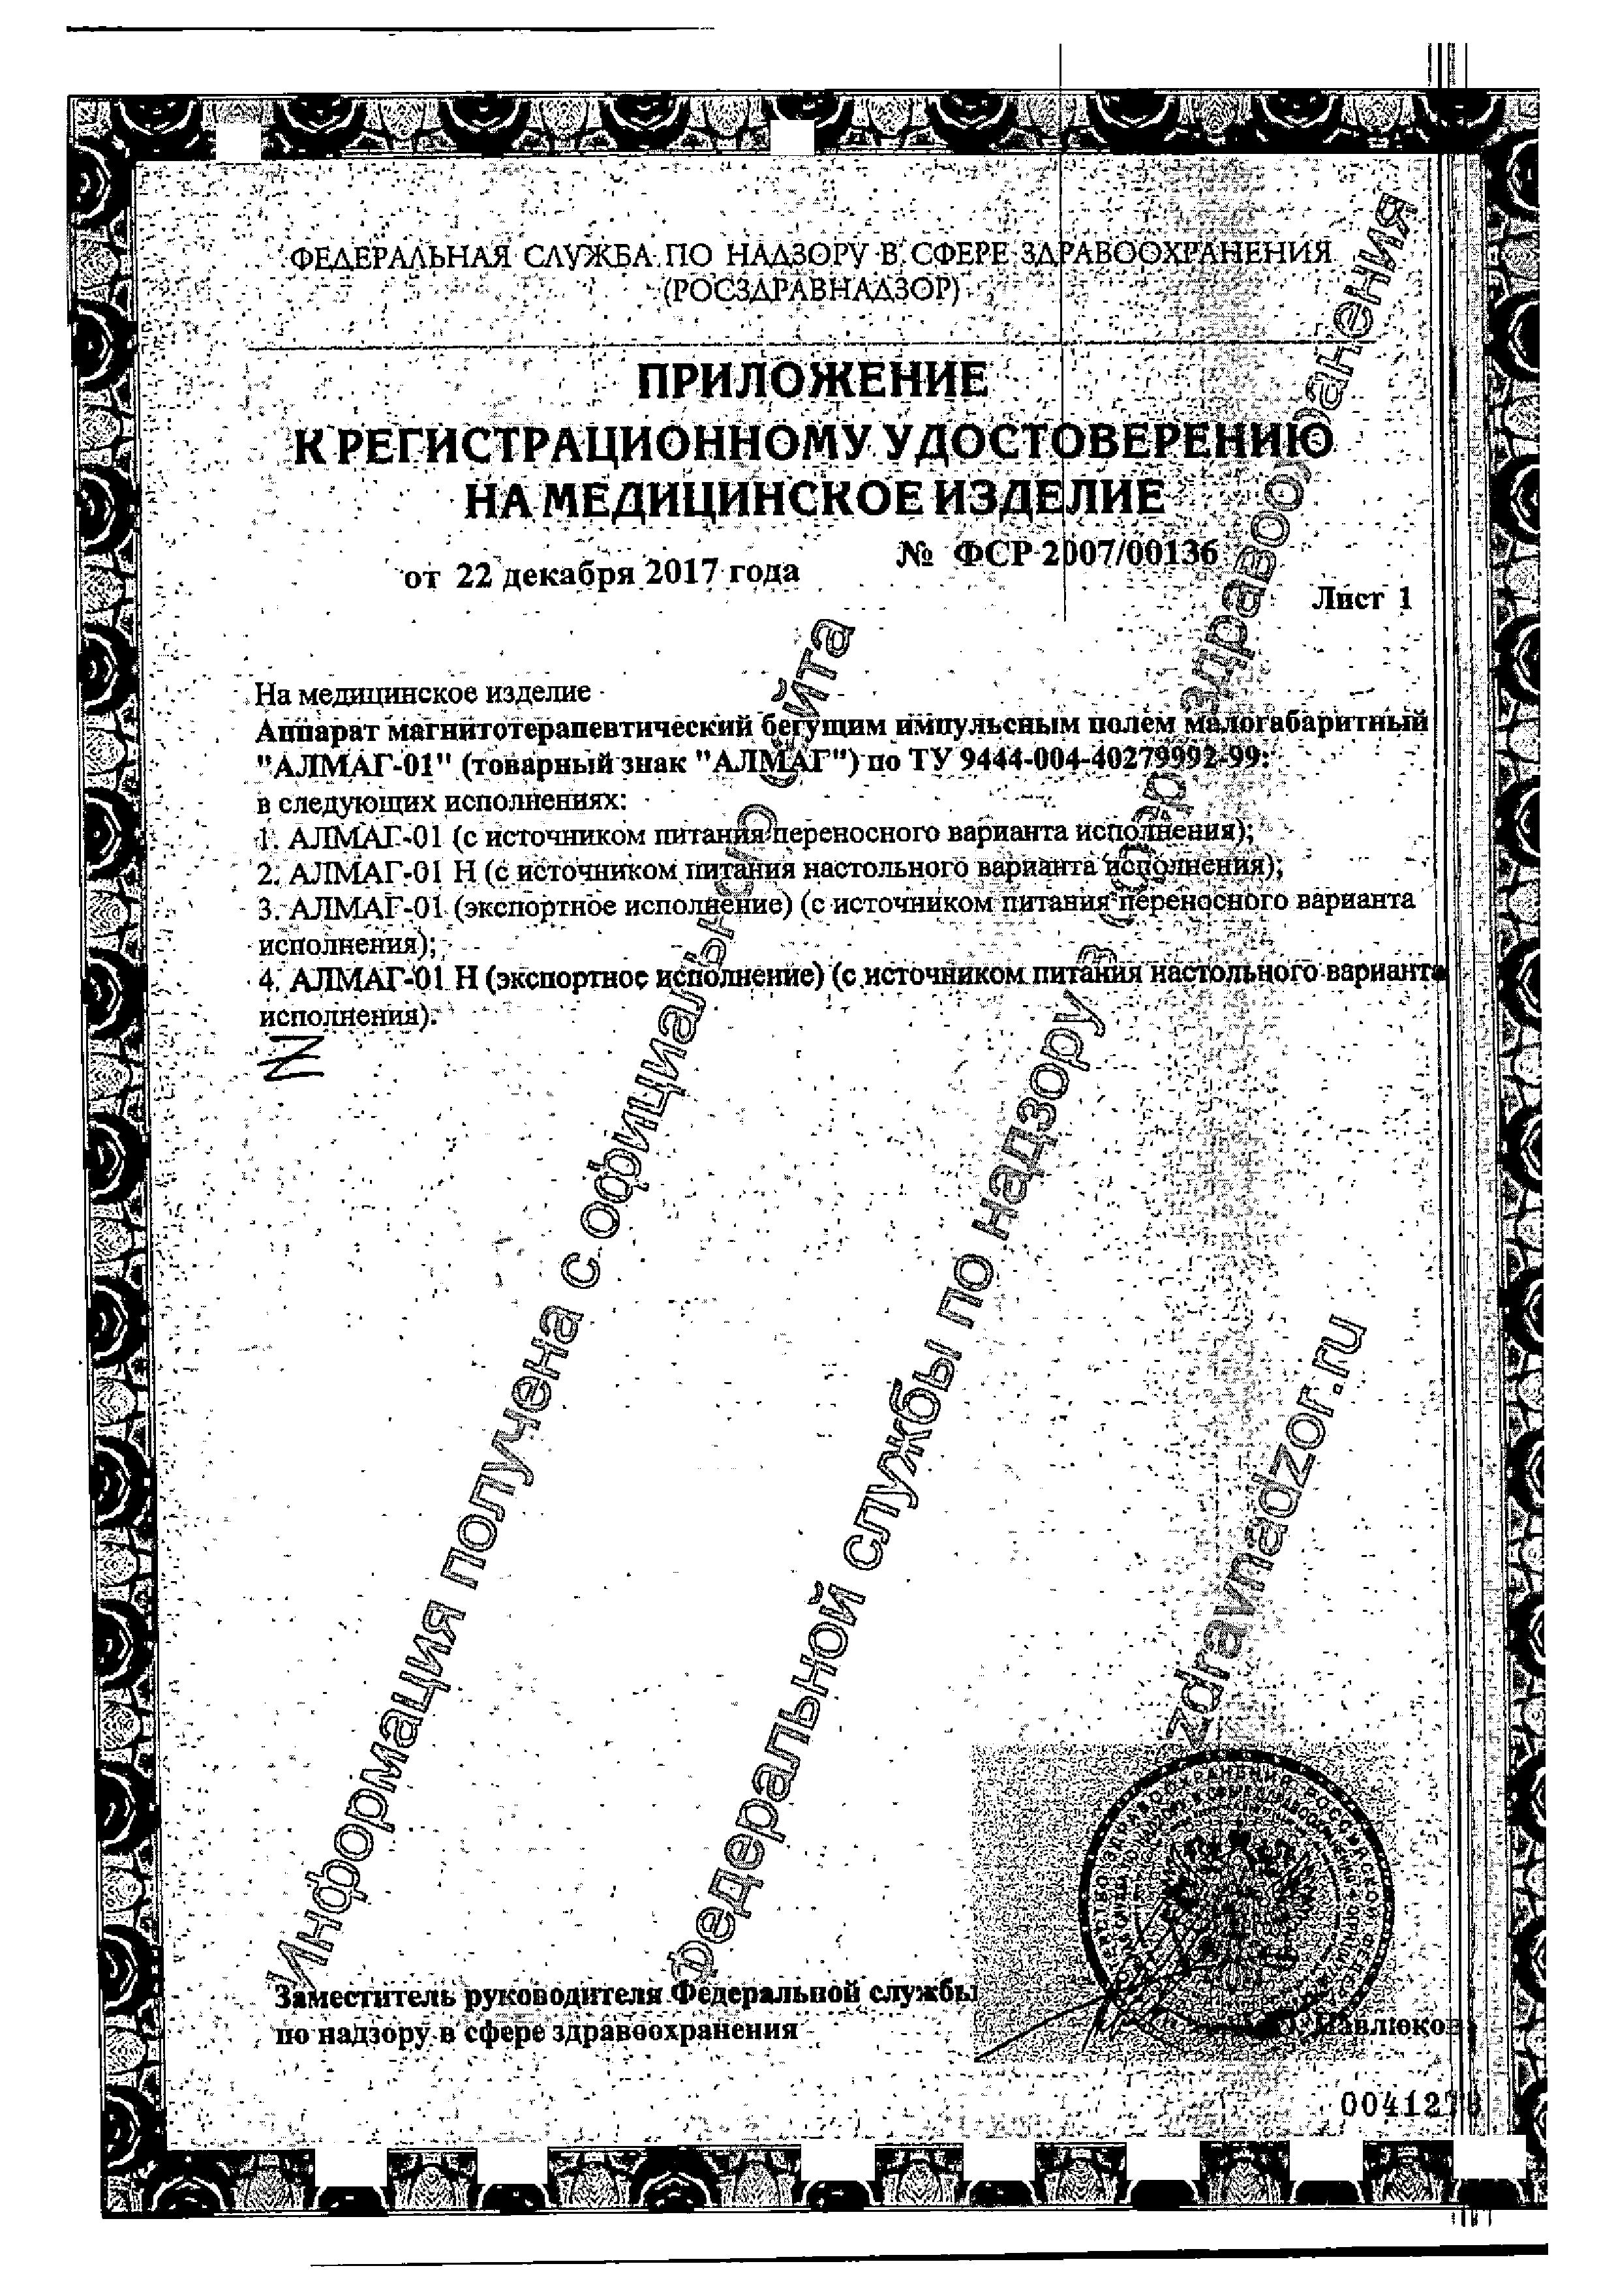 Алмаг-01 Аппарат магнитотерапевтический бегущим импульсным полем сертификат